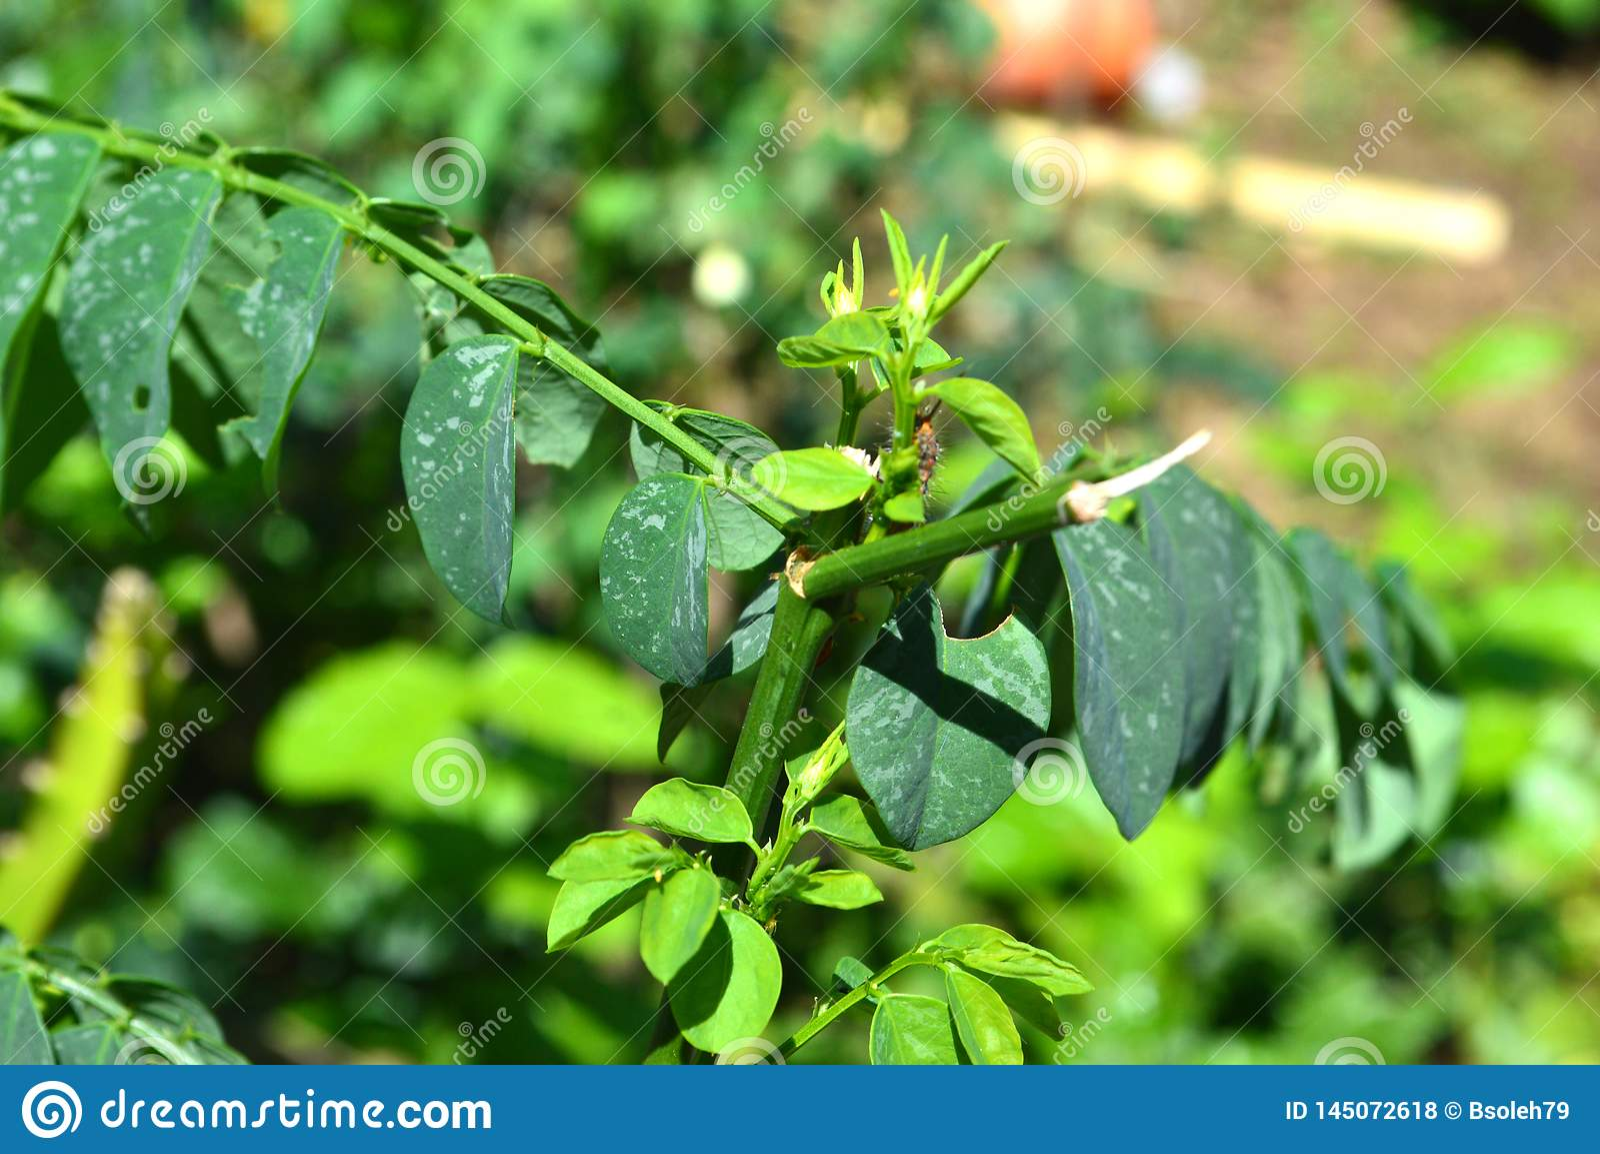 Textura e fotos das folhas verdes em um clima tropical